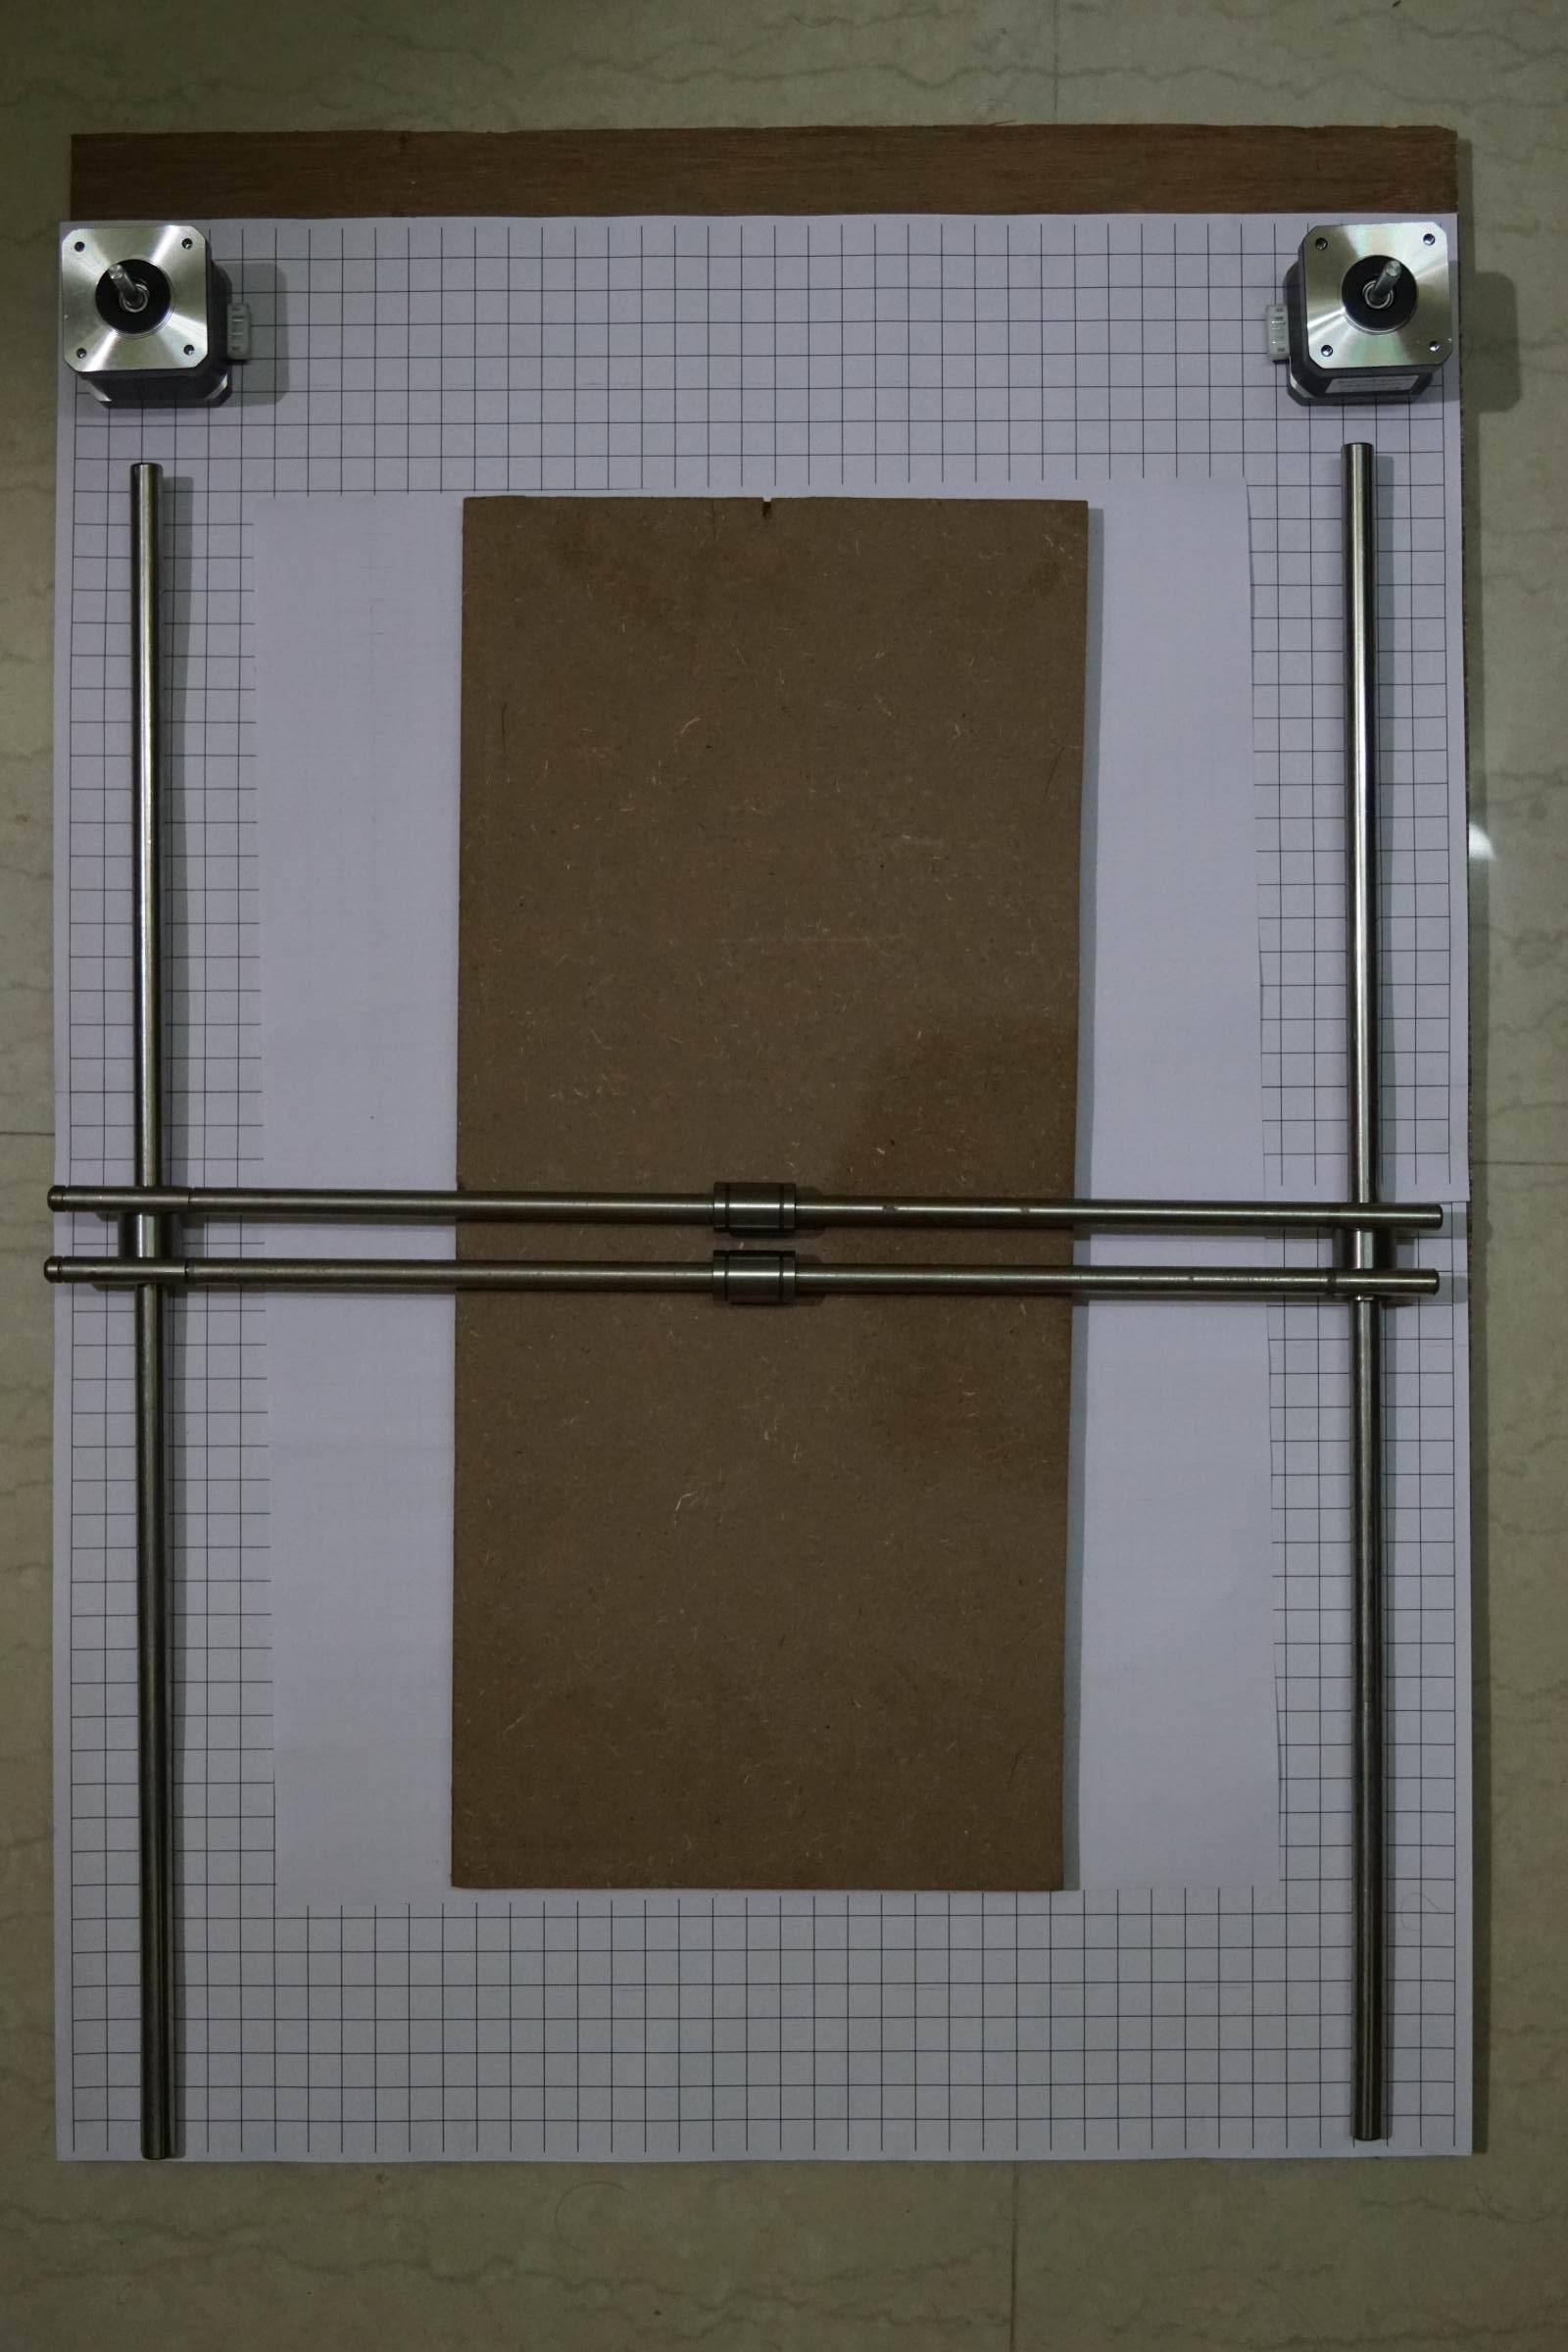 Mockup of Arduino CNC Machine